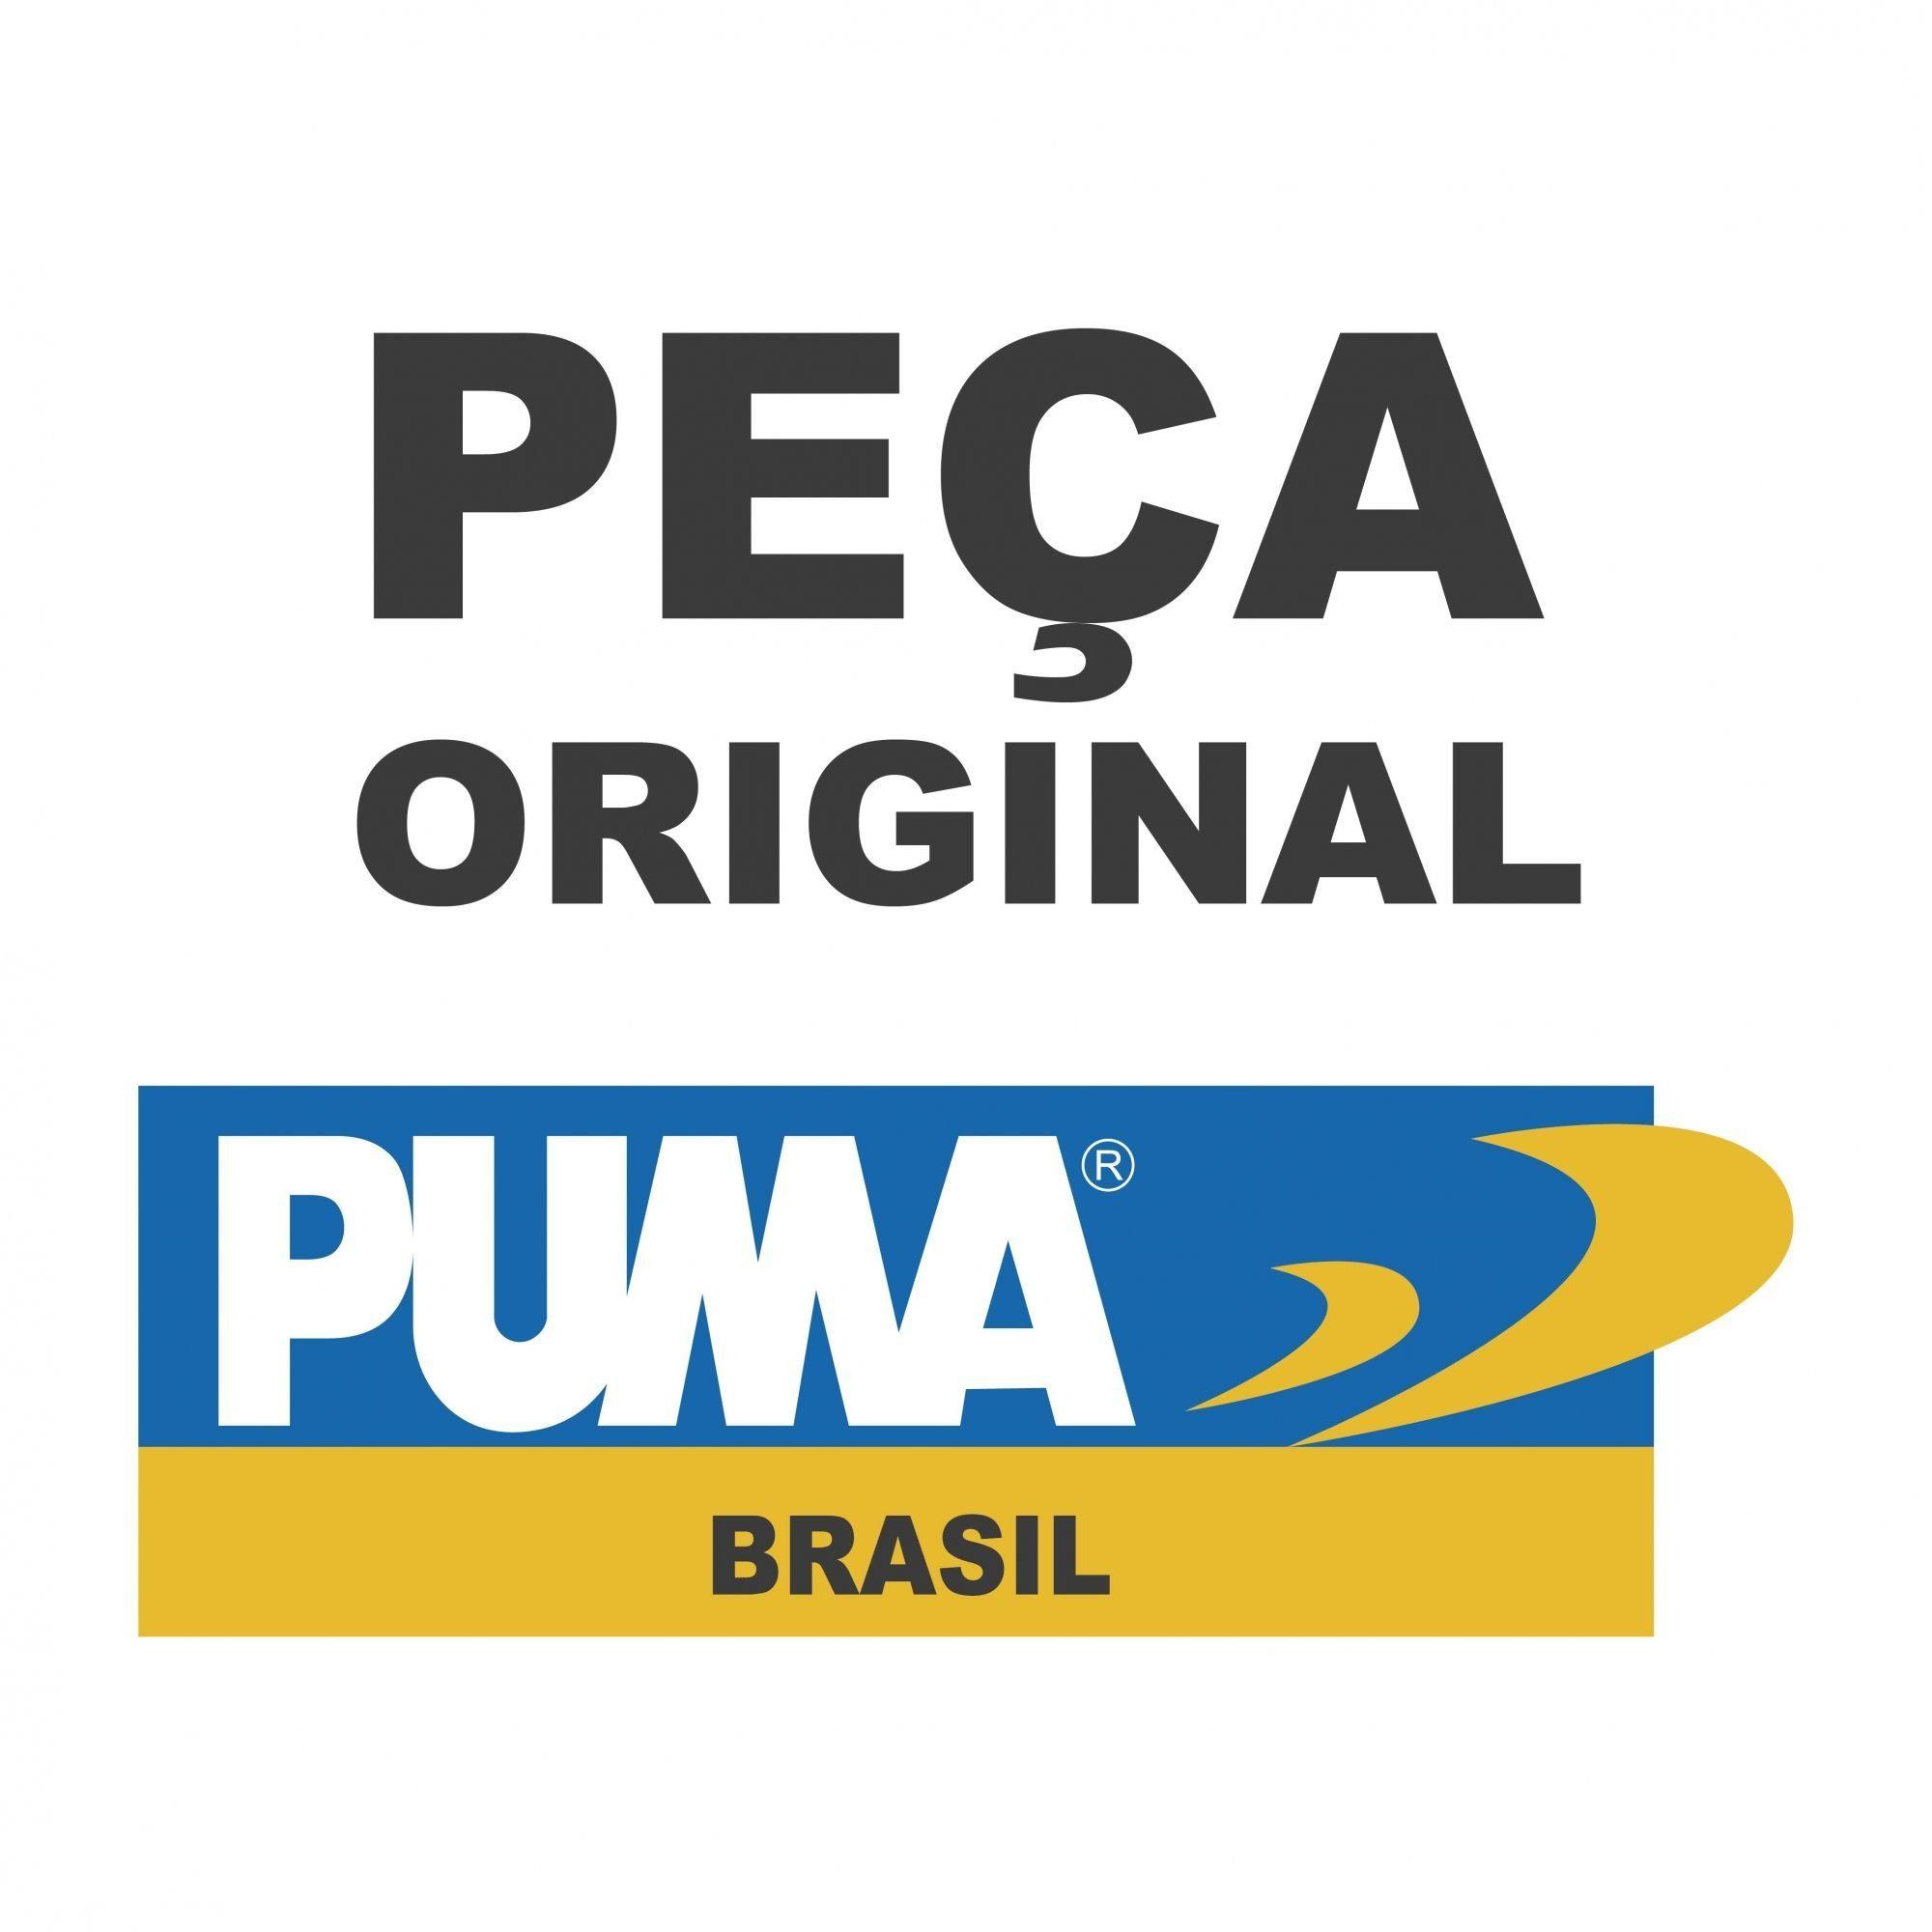 O'RING - PEÇA PNEUMÁTICA PUMA - T6007-17